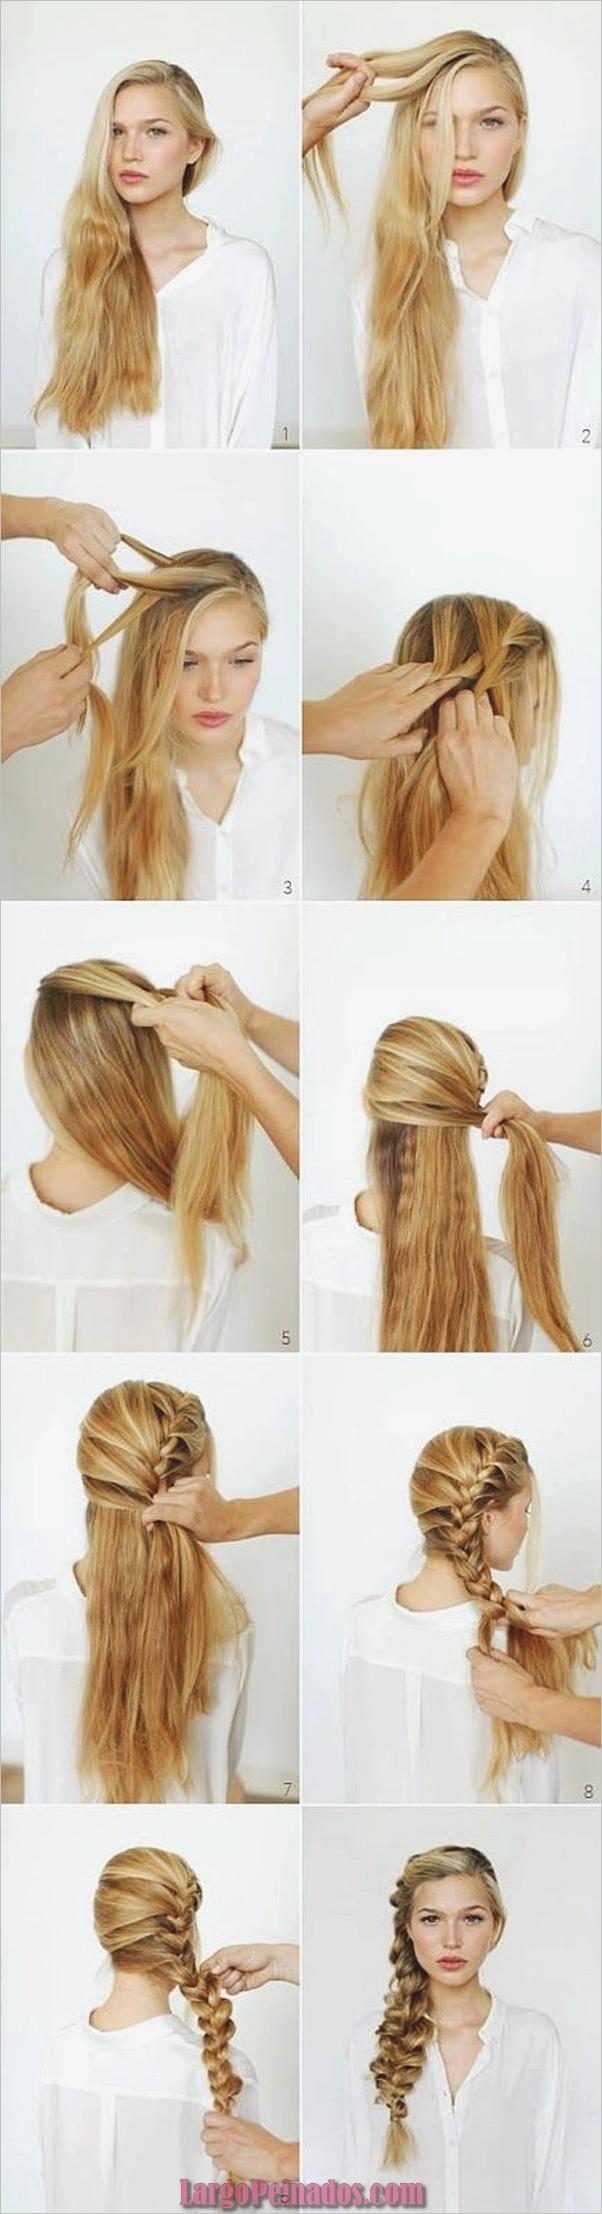 Peinados fáciles paso a paso para cabello largo7